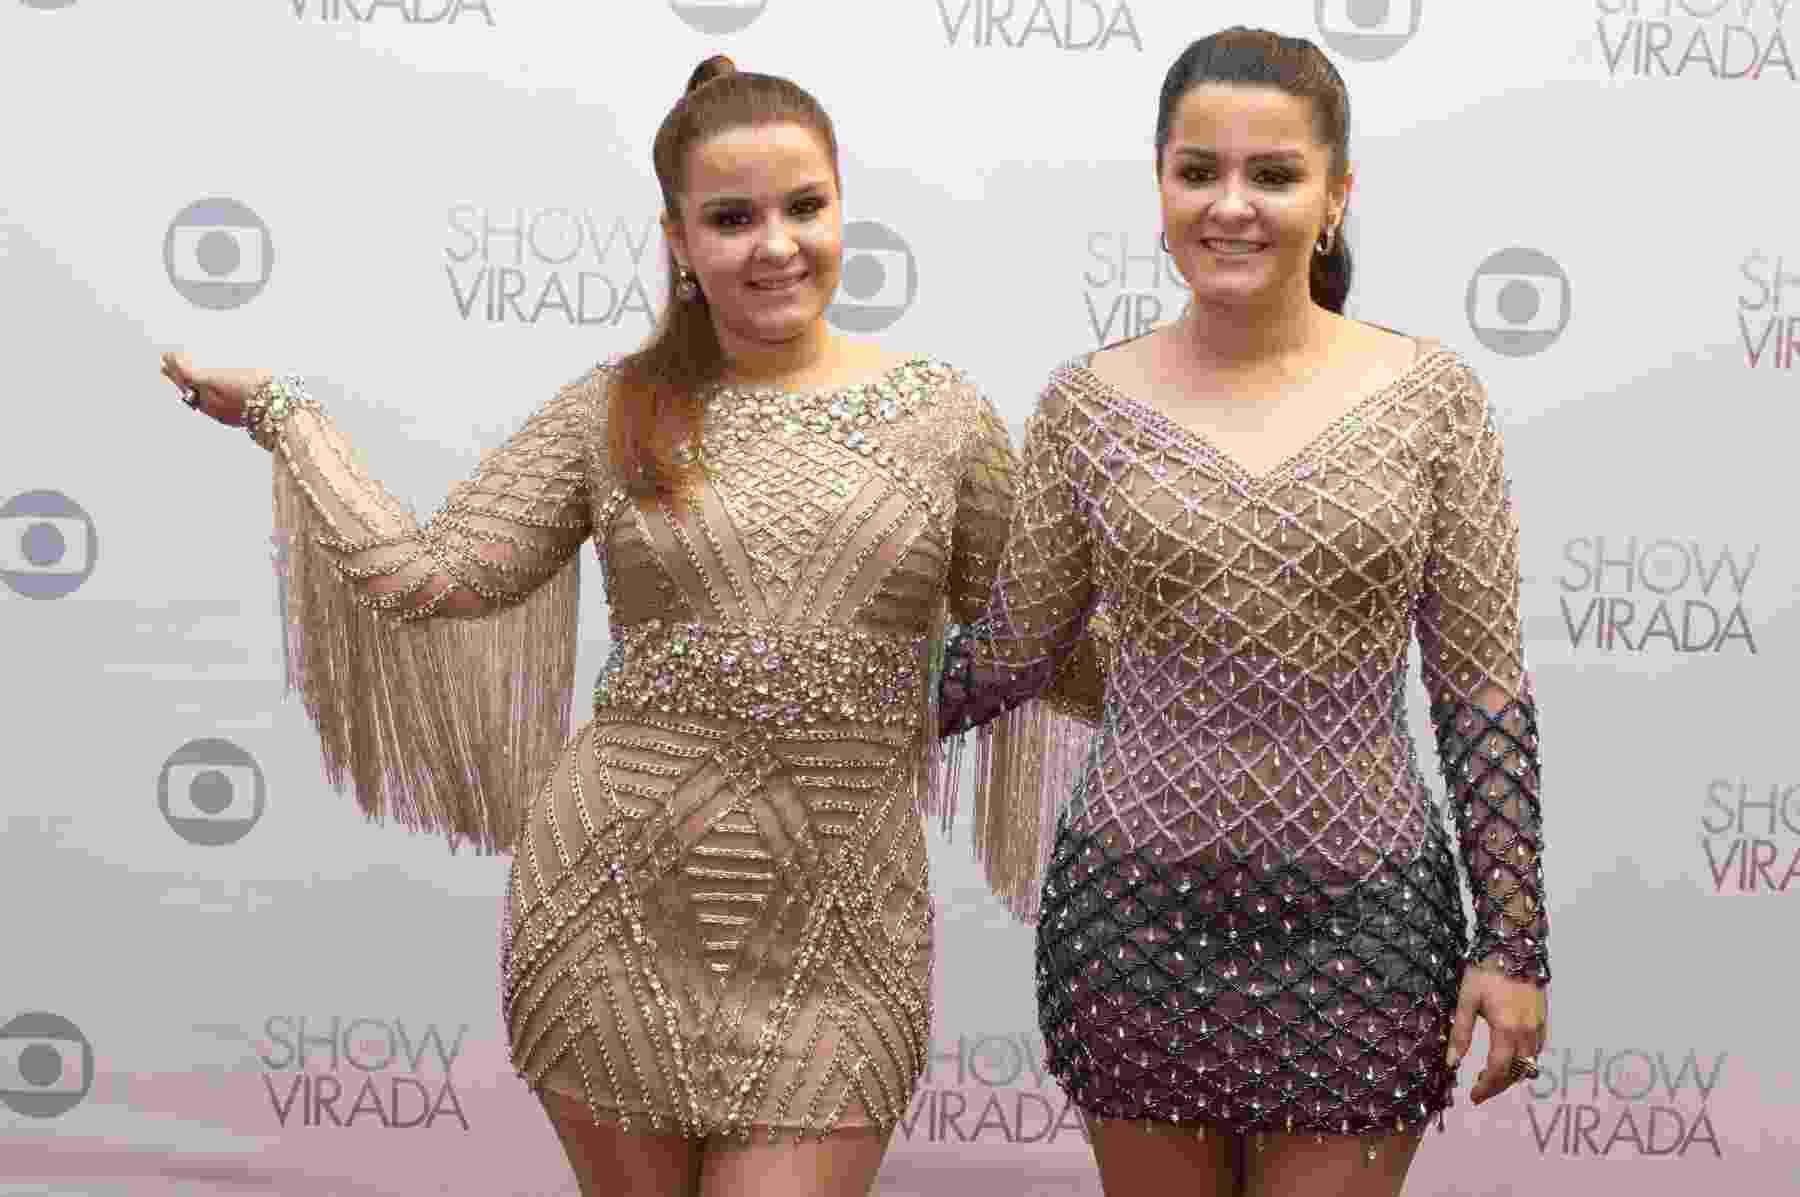 """1.nov.2016 - As irmãs Maiara e Maraisa, conhecidas pelo hit """"10%"""", participam da gravação do """"Show da Virada"""", em Goiânia - AgNews"""